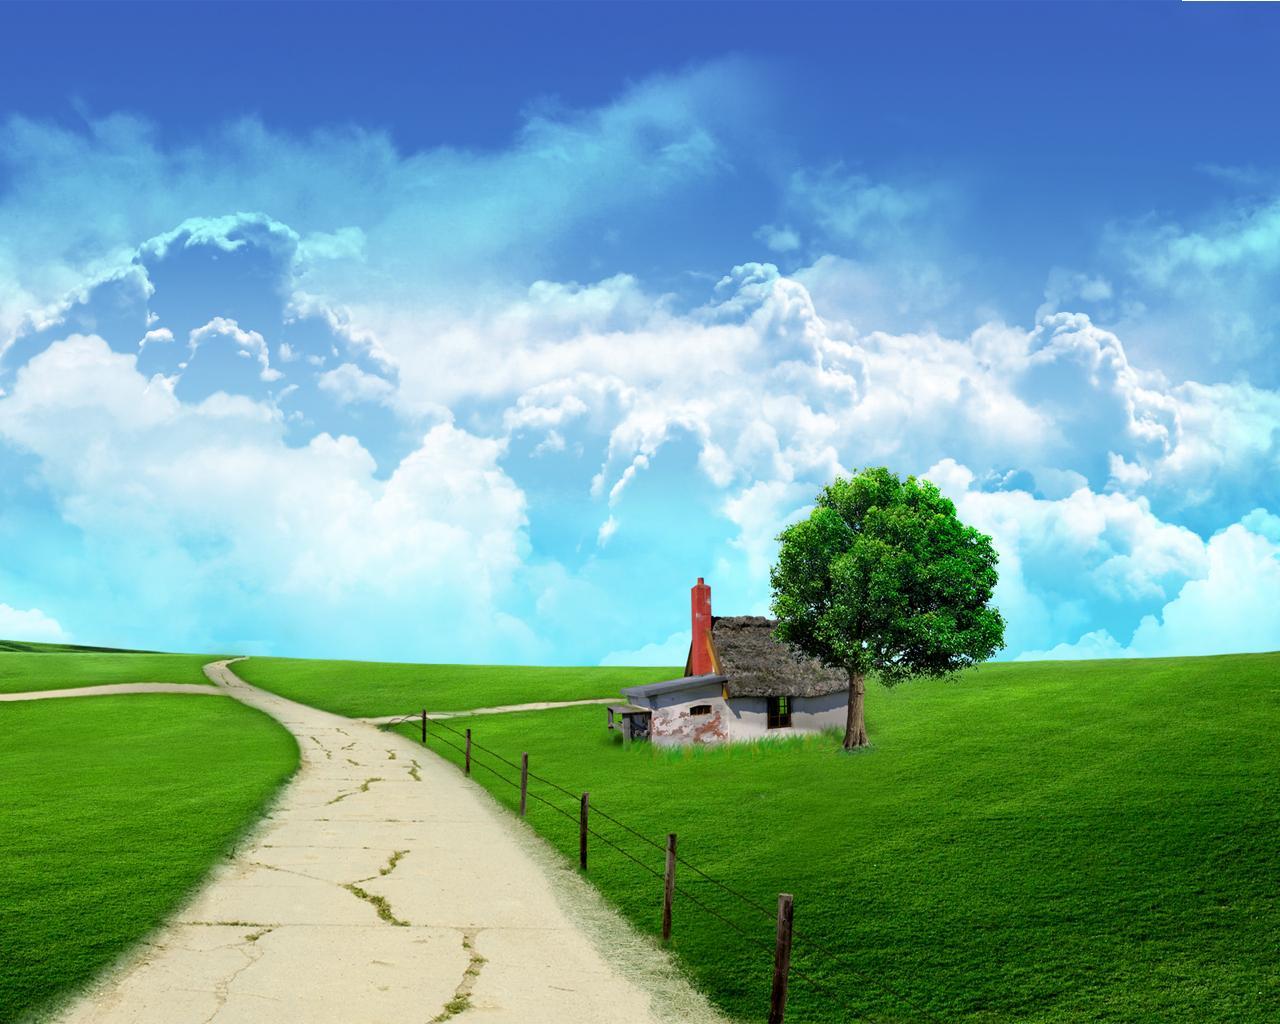 http://2.bp.blogspot.com/-lNI9cCnhTmA/T8gi92vwSVI/AAAAAAAAGZk/SMtwskPdVGs/s1600/summer%2Bwallpaper%2B04.jpg